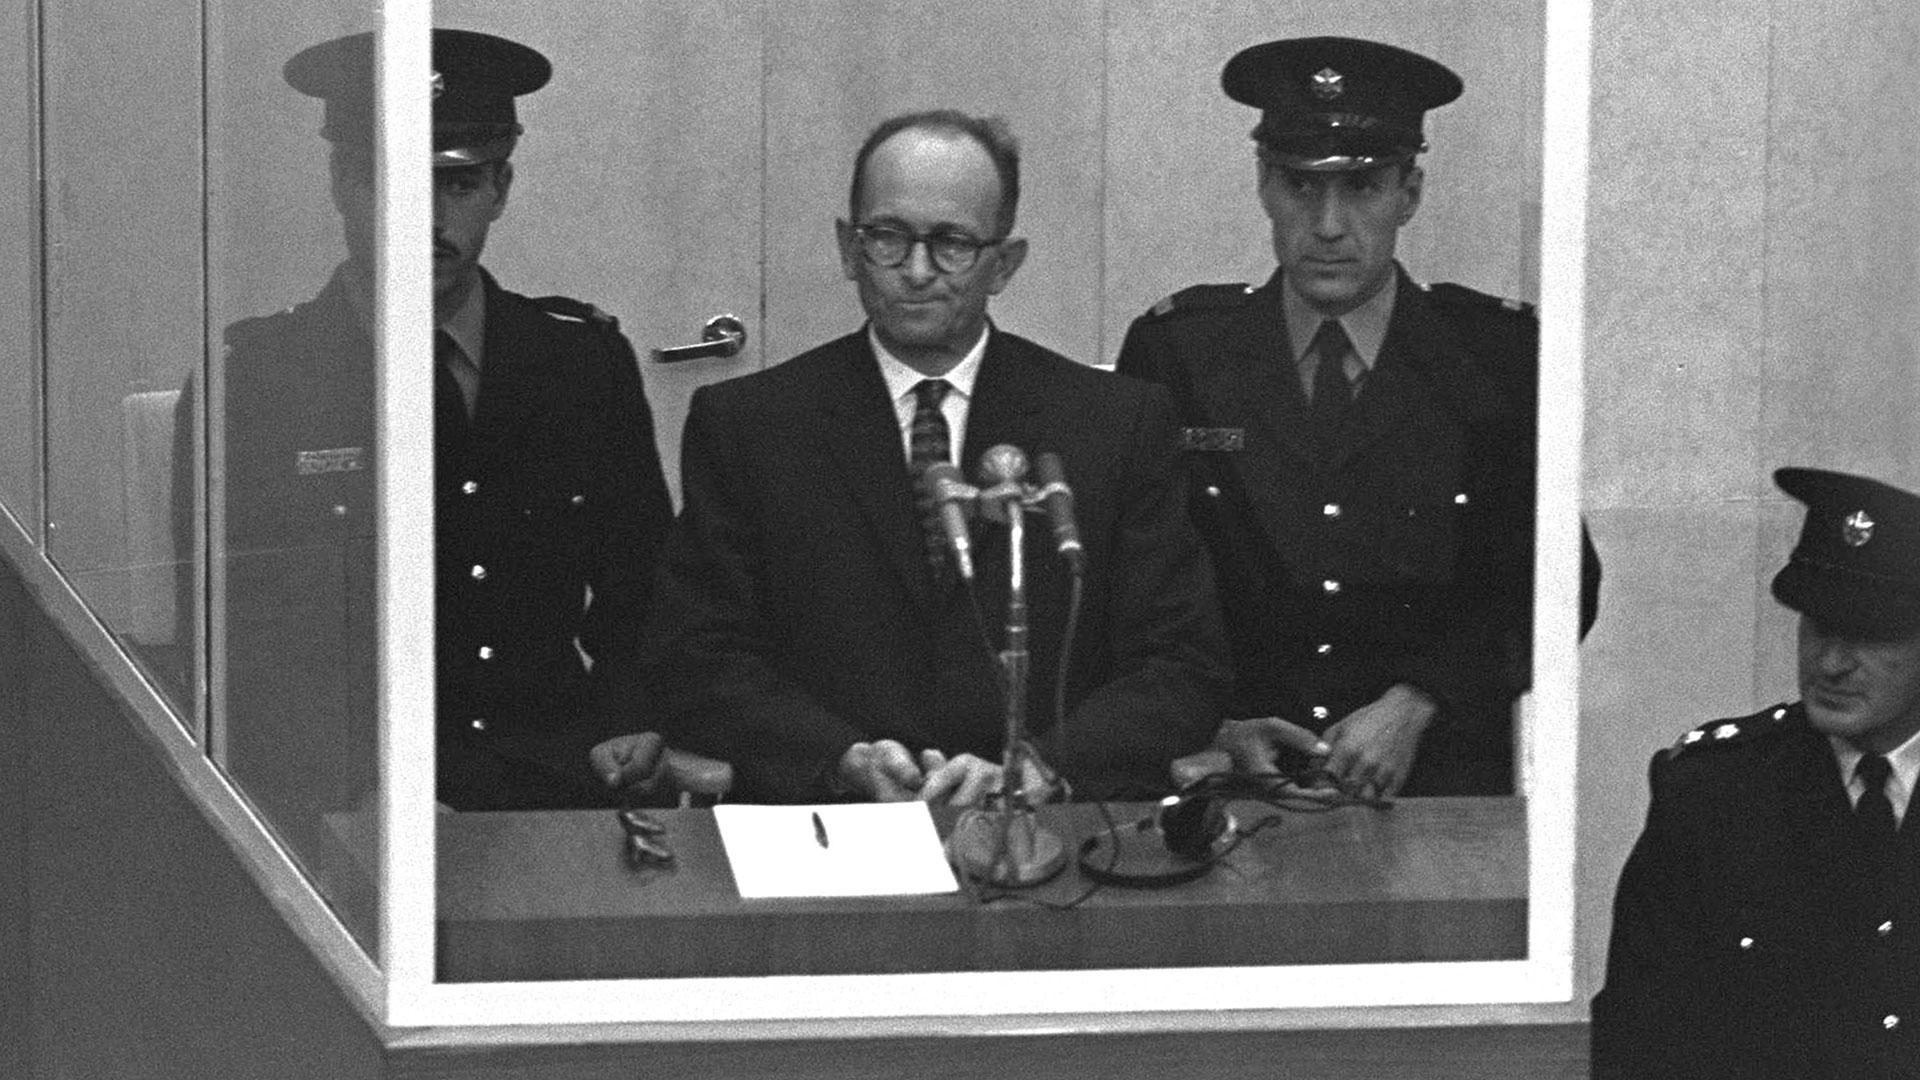 El 15 de diciembre de 1961 Eichmann fue condenado a morir en la horca por crímenes contra la Humanidad (Getty)